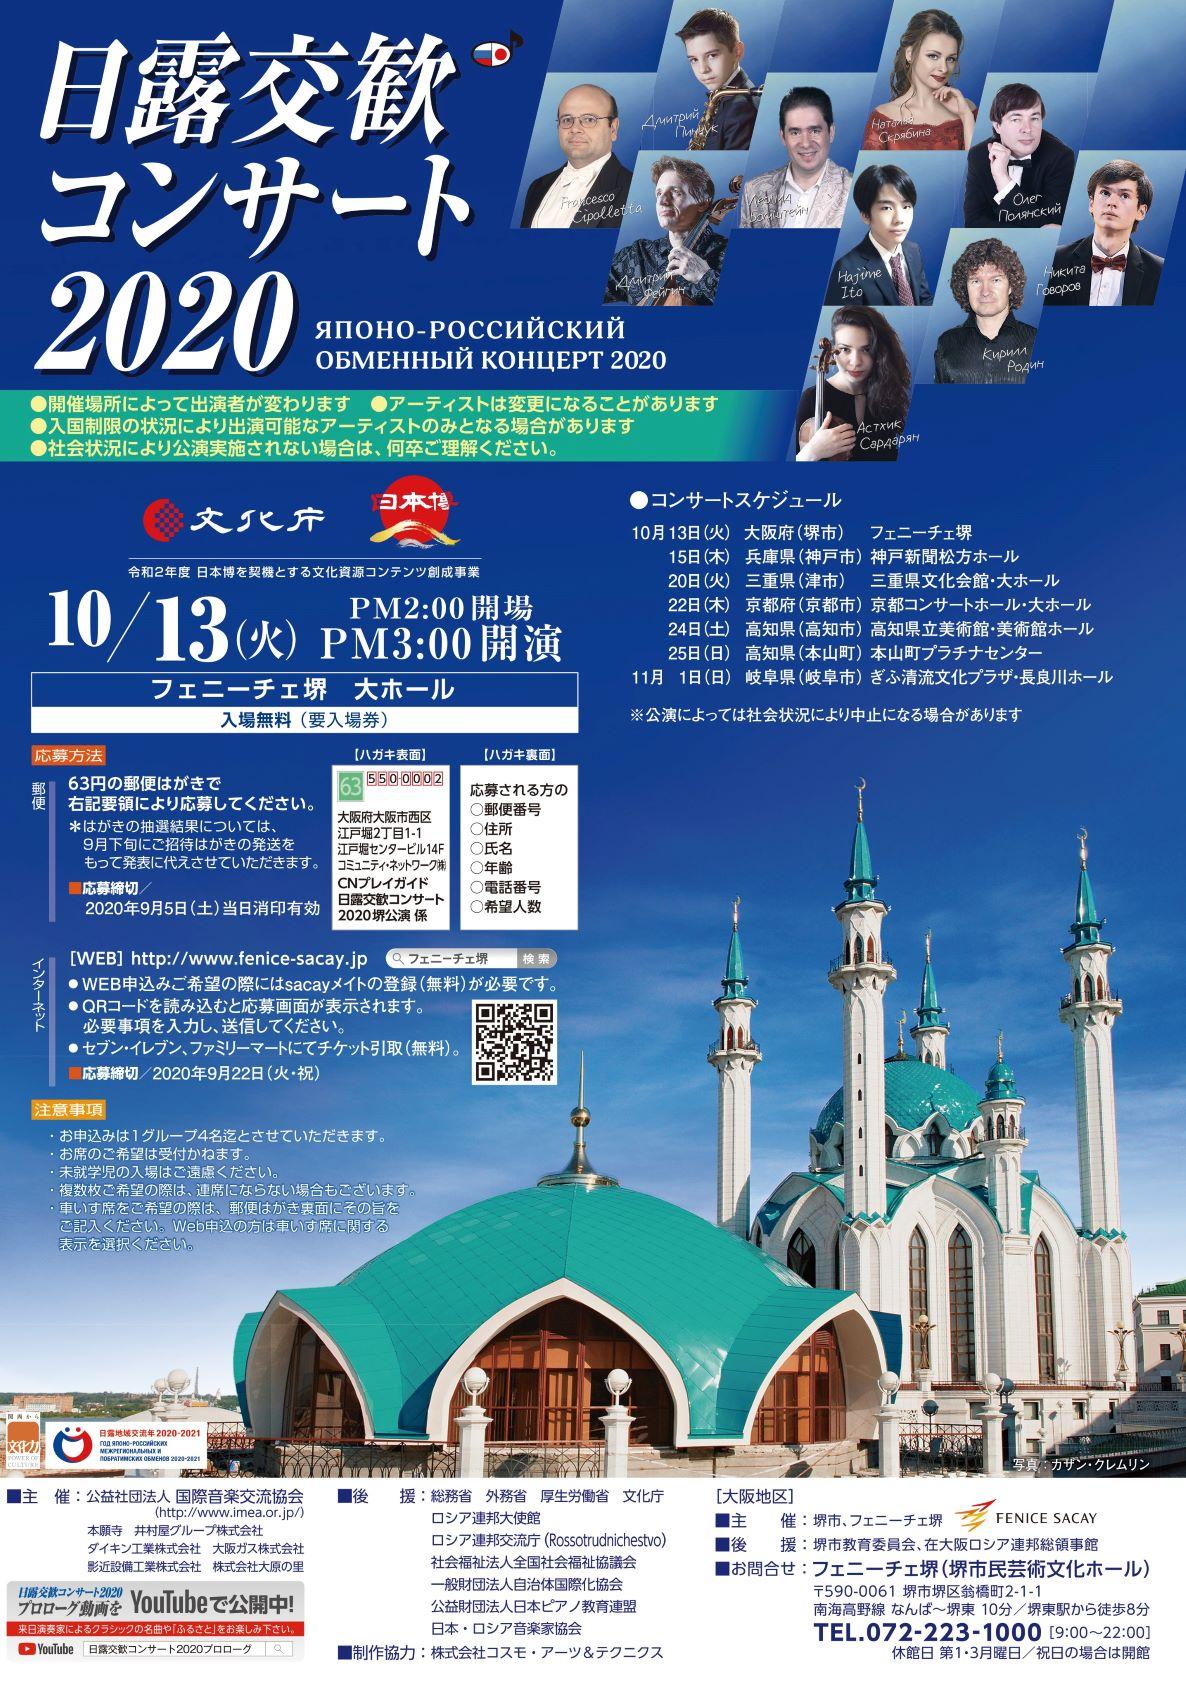 【中止】日露交歓コンサート2020